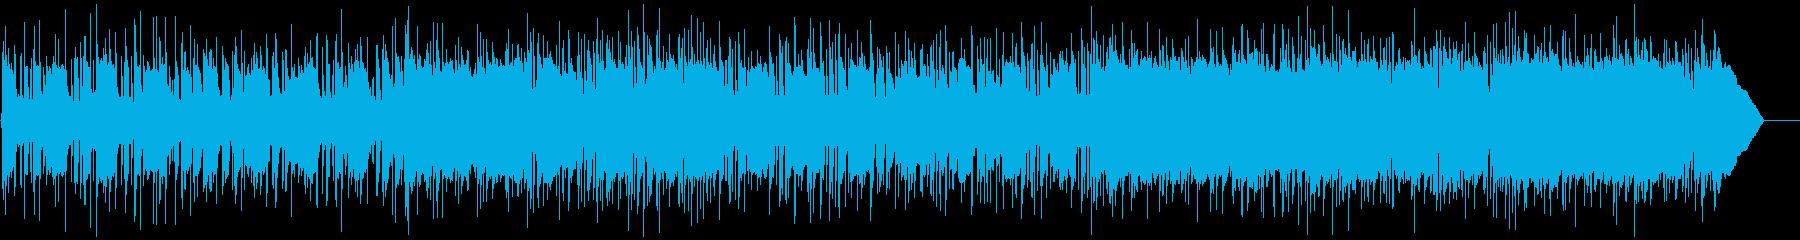 ポップロック研究所ポジティブな冒険...の再生済みの波形